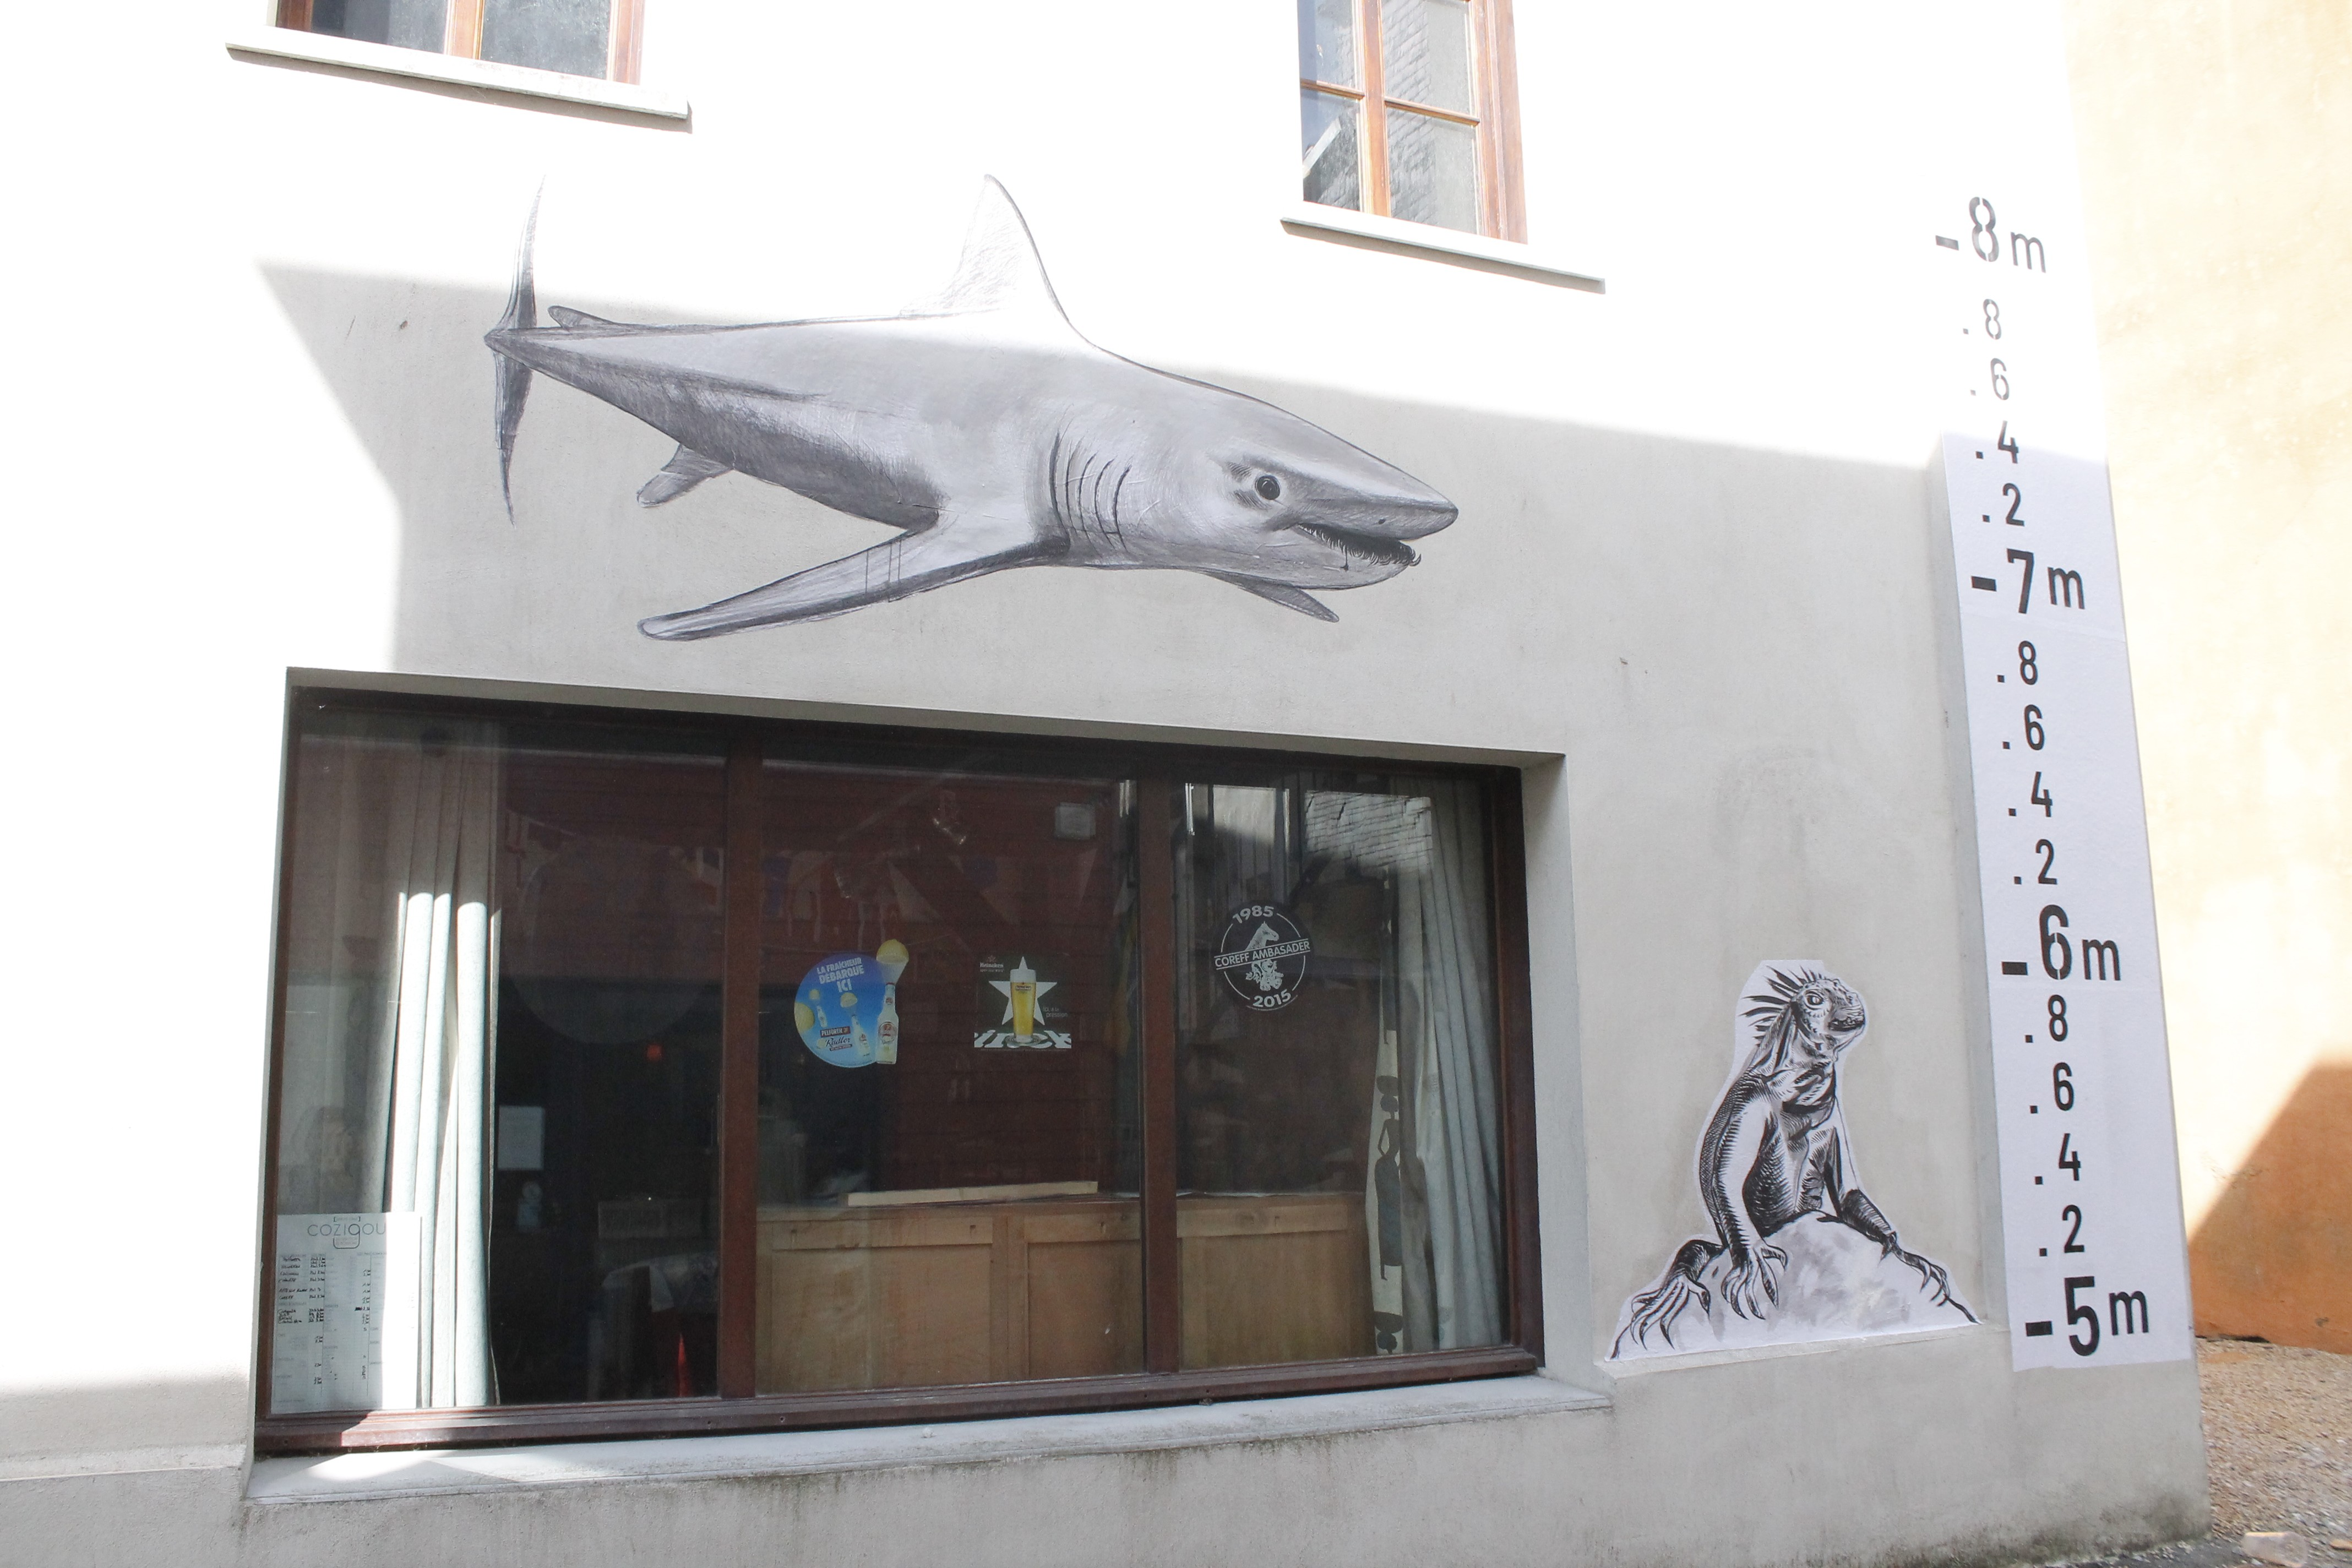 Incité: Festival de Street art écologique à Carhaix